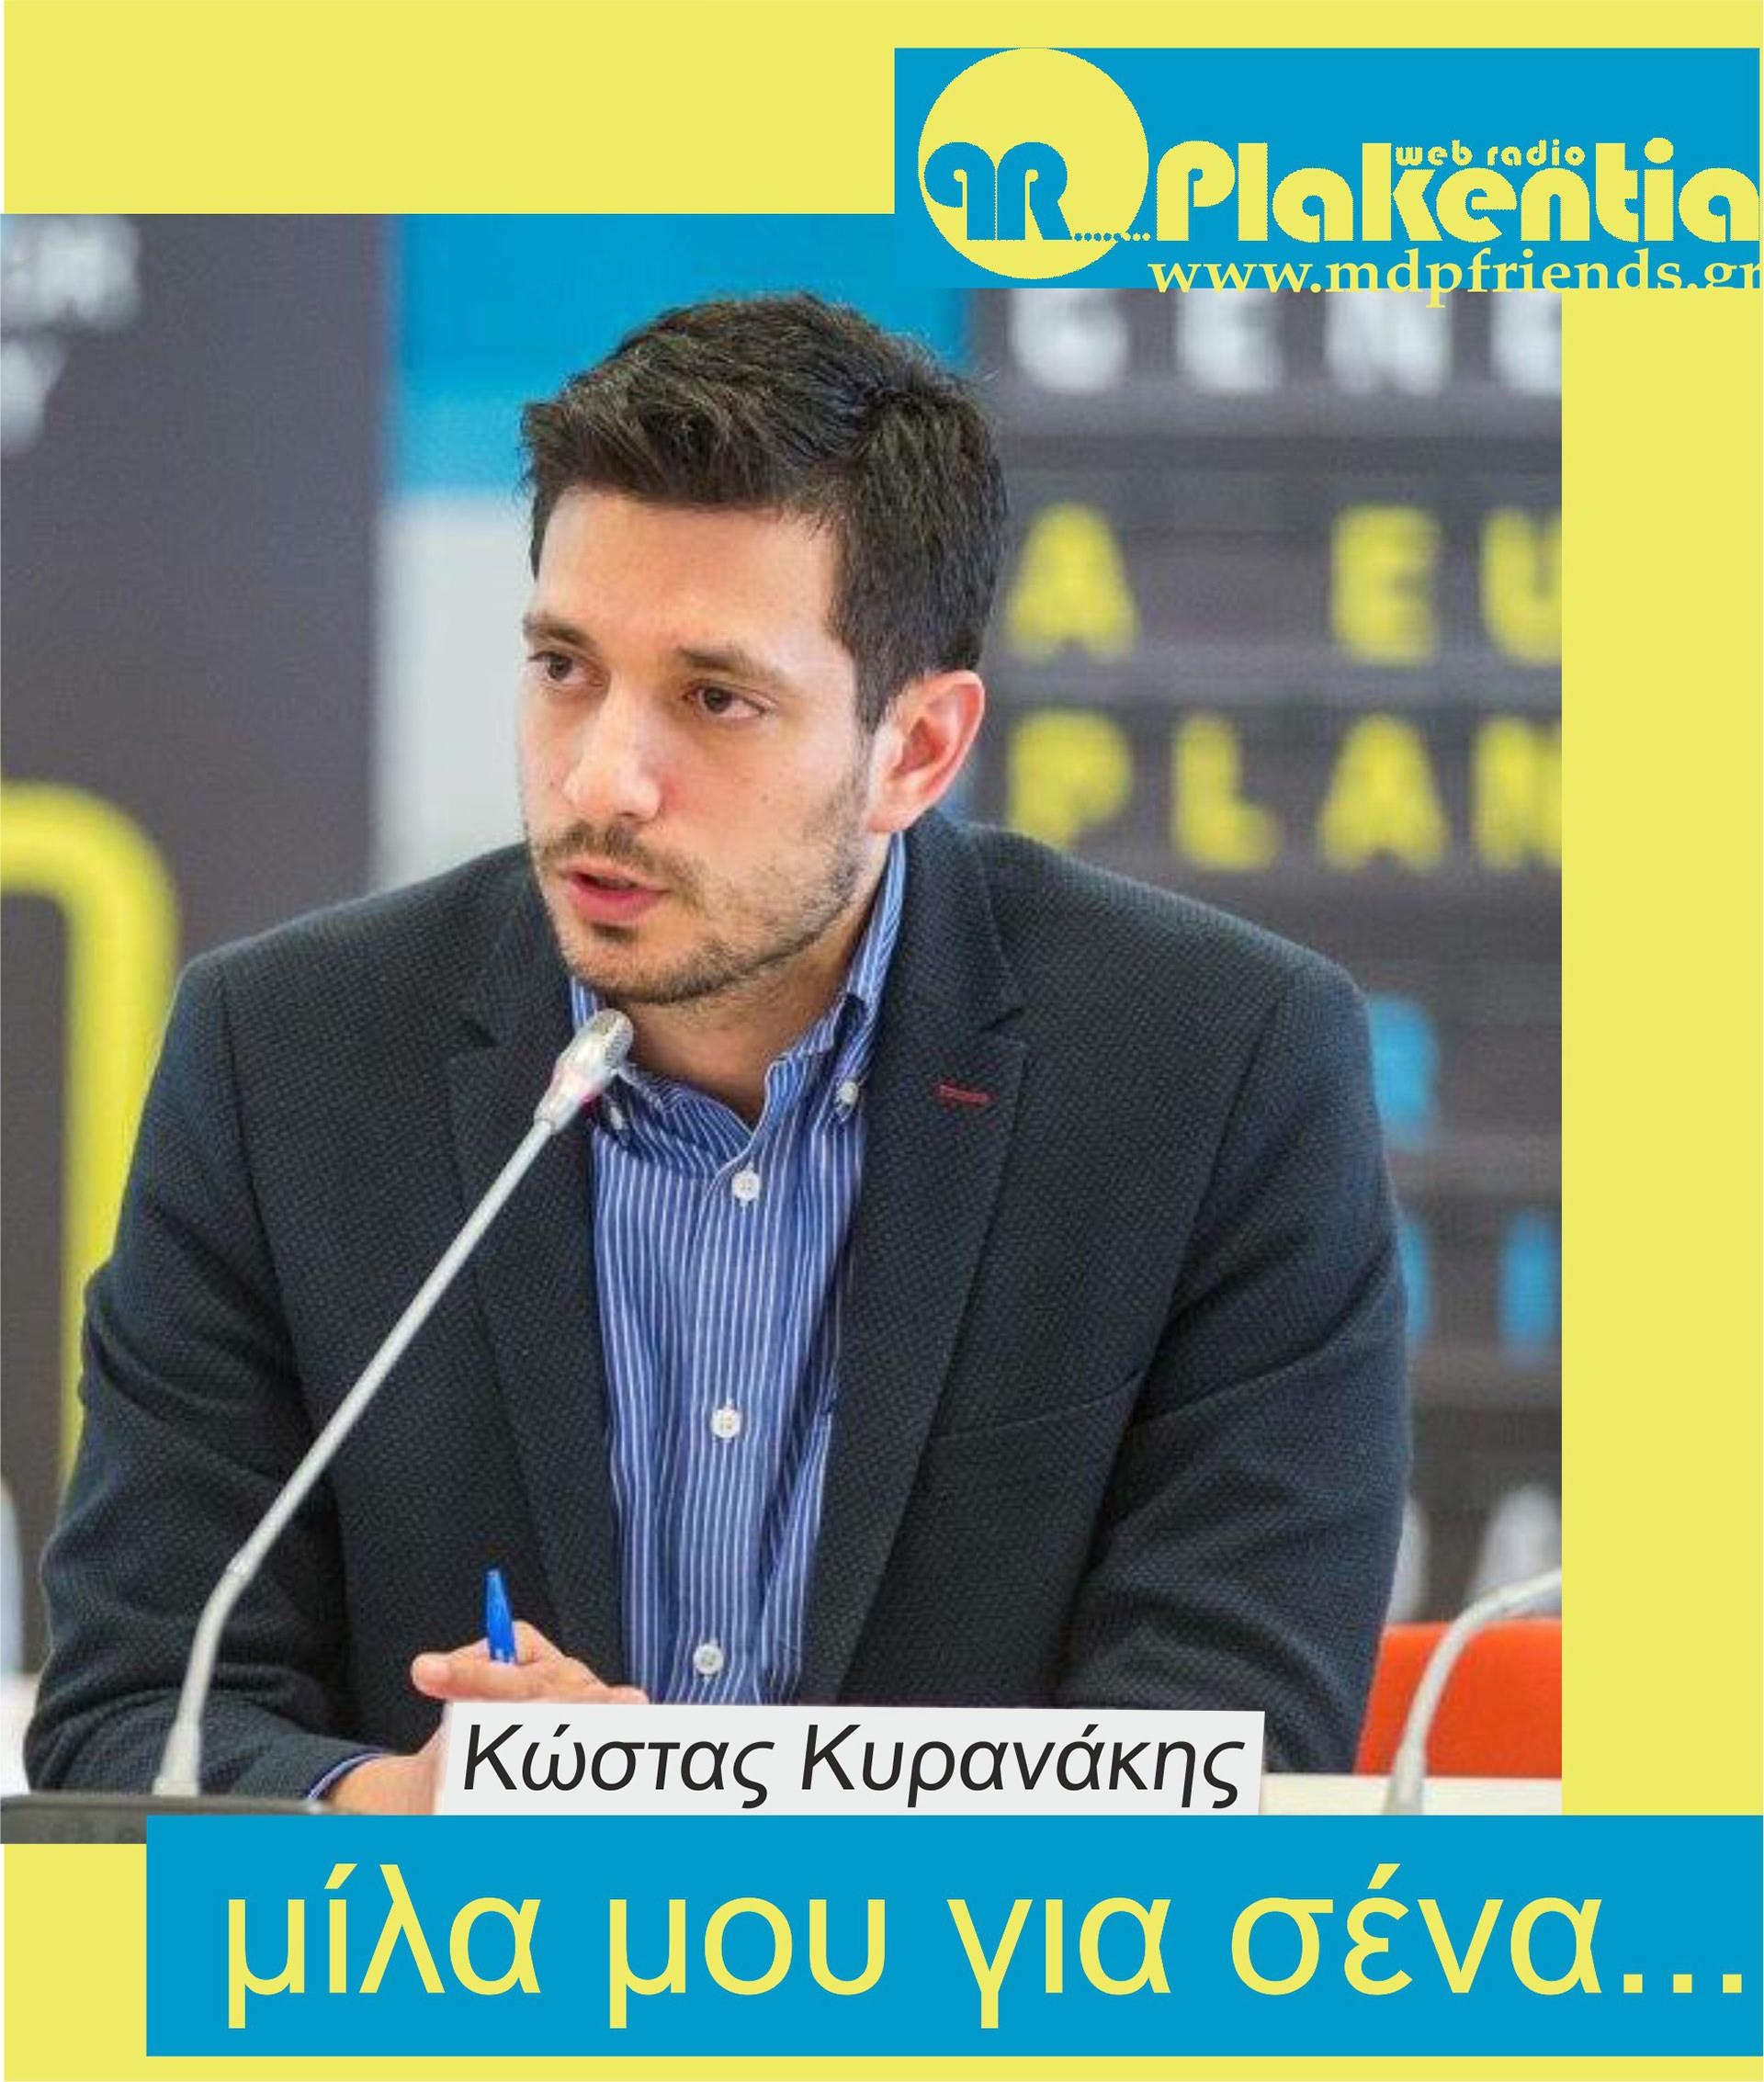 Μίλα μου για Σένα… με τον Κωνσταντίνο Κυρανάκη